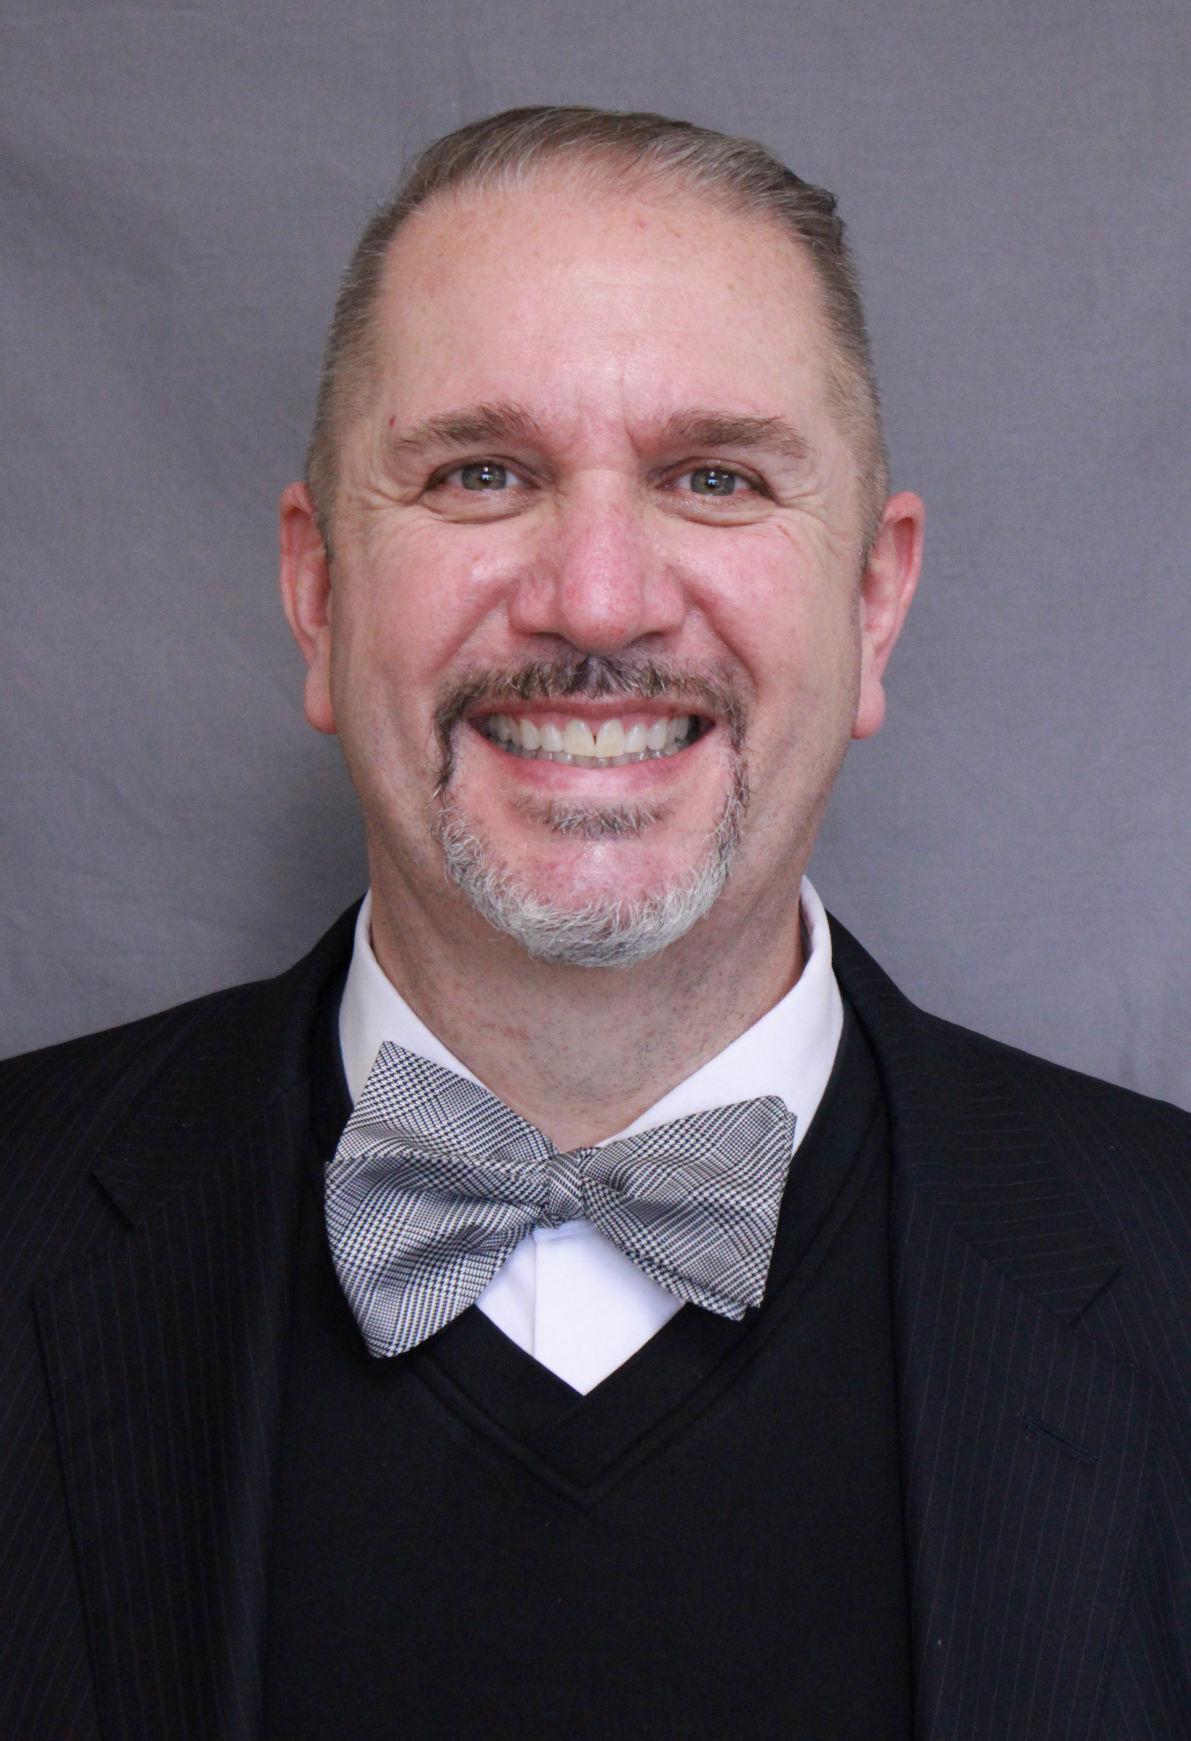 Chris De Villeneuve